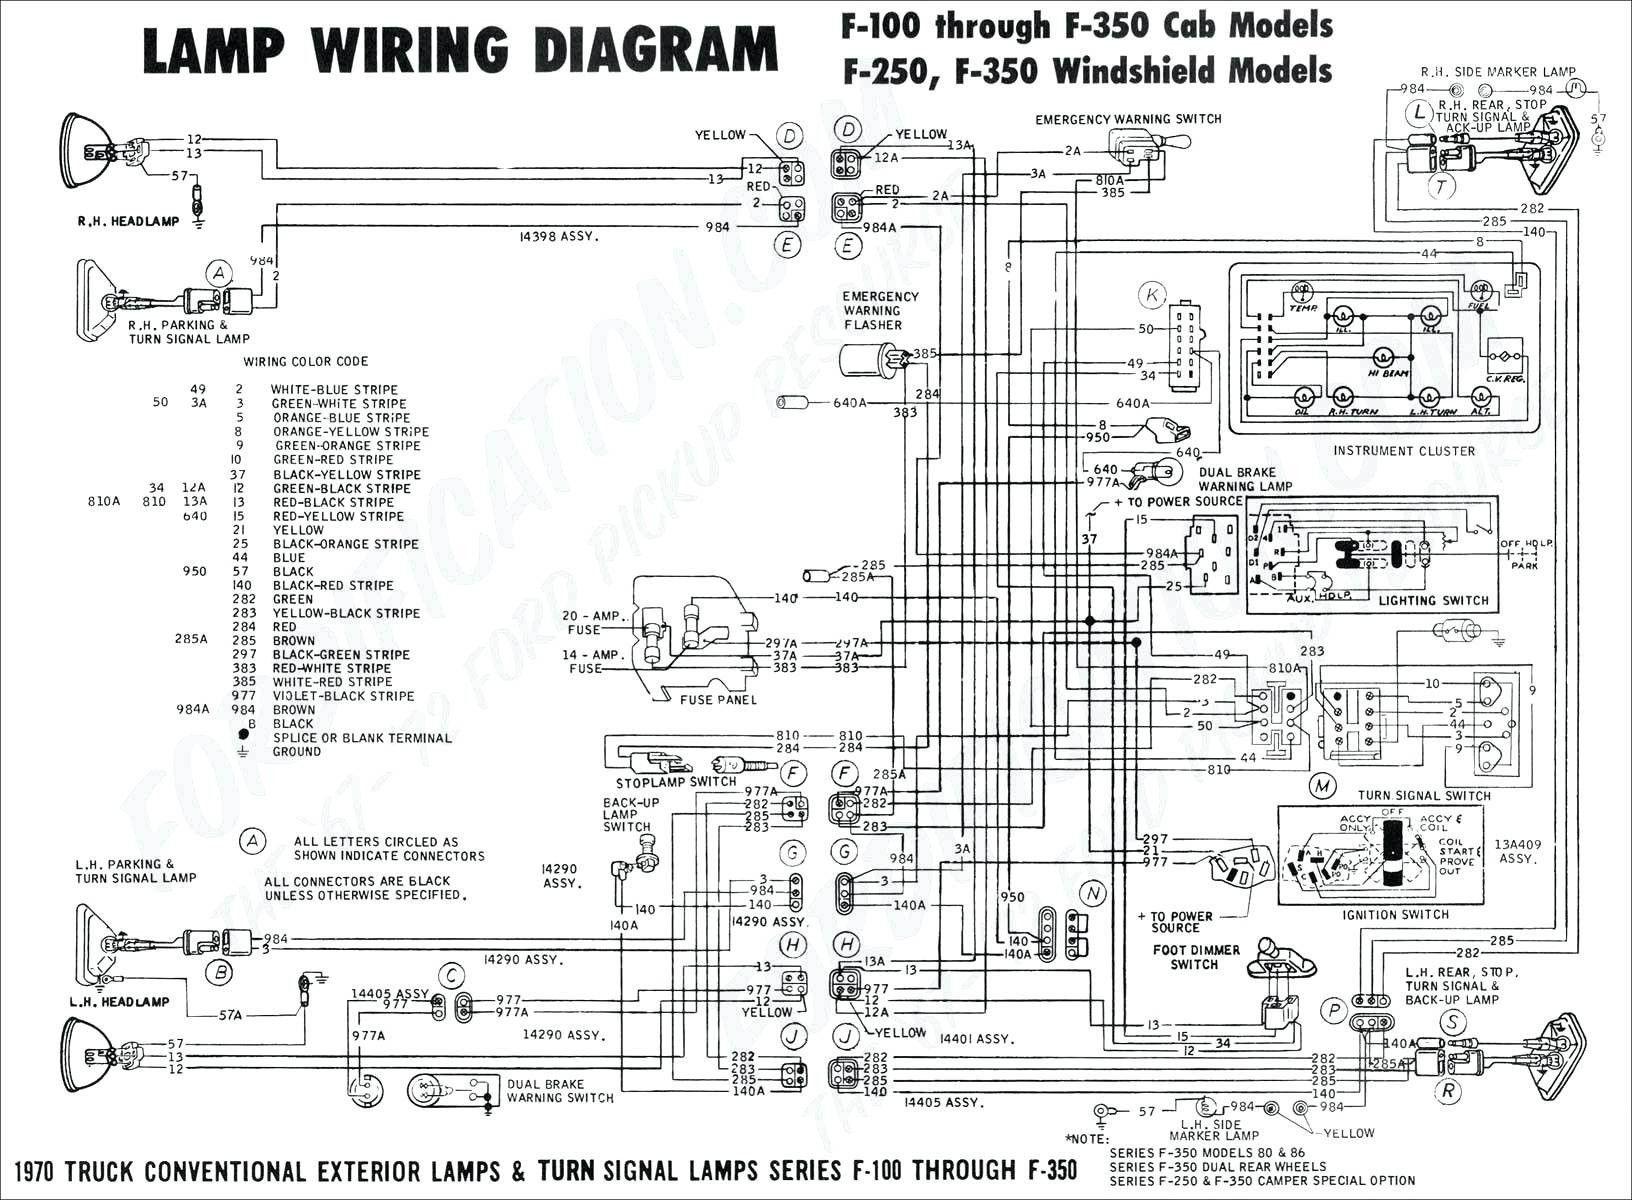 New Bmw Amplifier Wiring Diagram Diagram Diagramtemplate Diagramsample Diagrama De Circuito Electrico Diagrama De Circuito Circuito Electrico